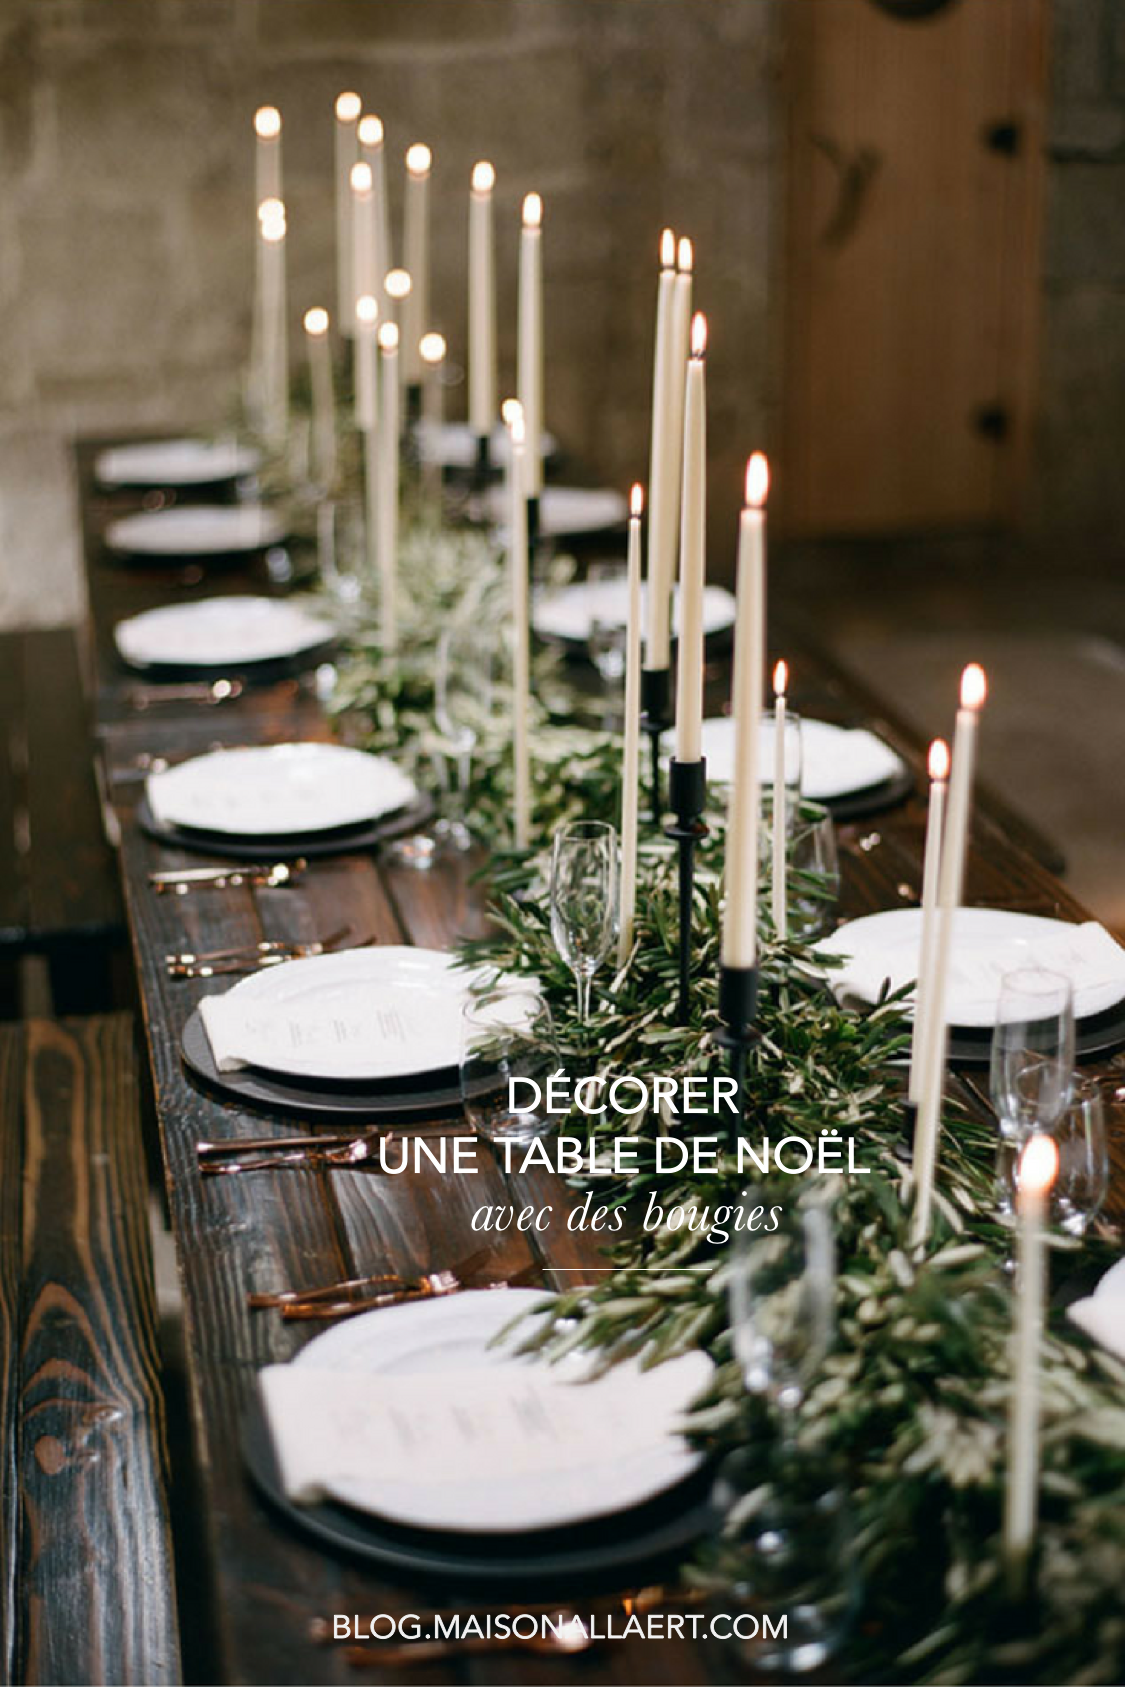 comment d corer une table de no l naturelle et originale avec des bougies le blog d co de l. Black Bedroom Furniture Sets. Home Design Ideas